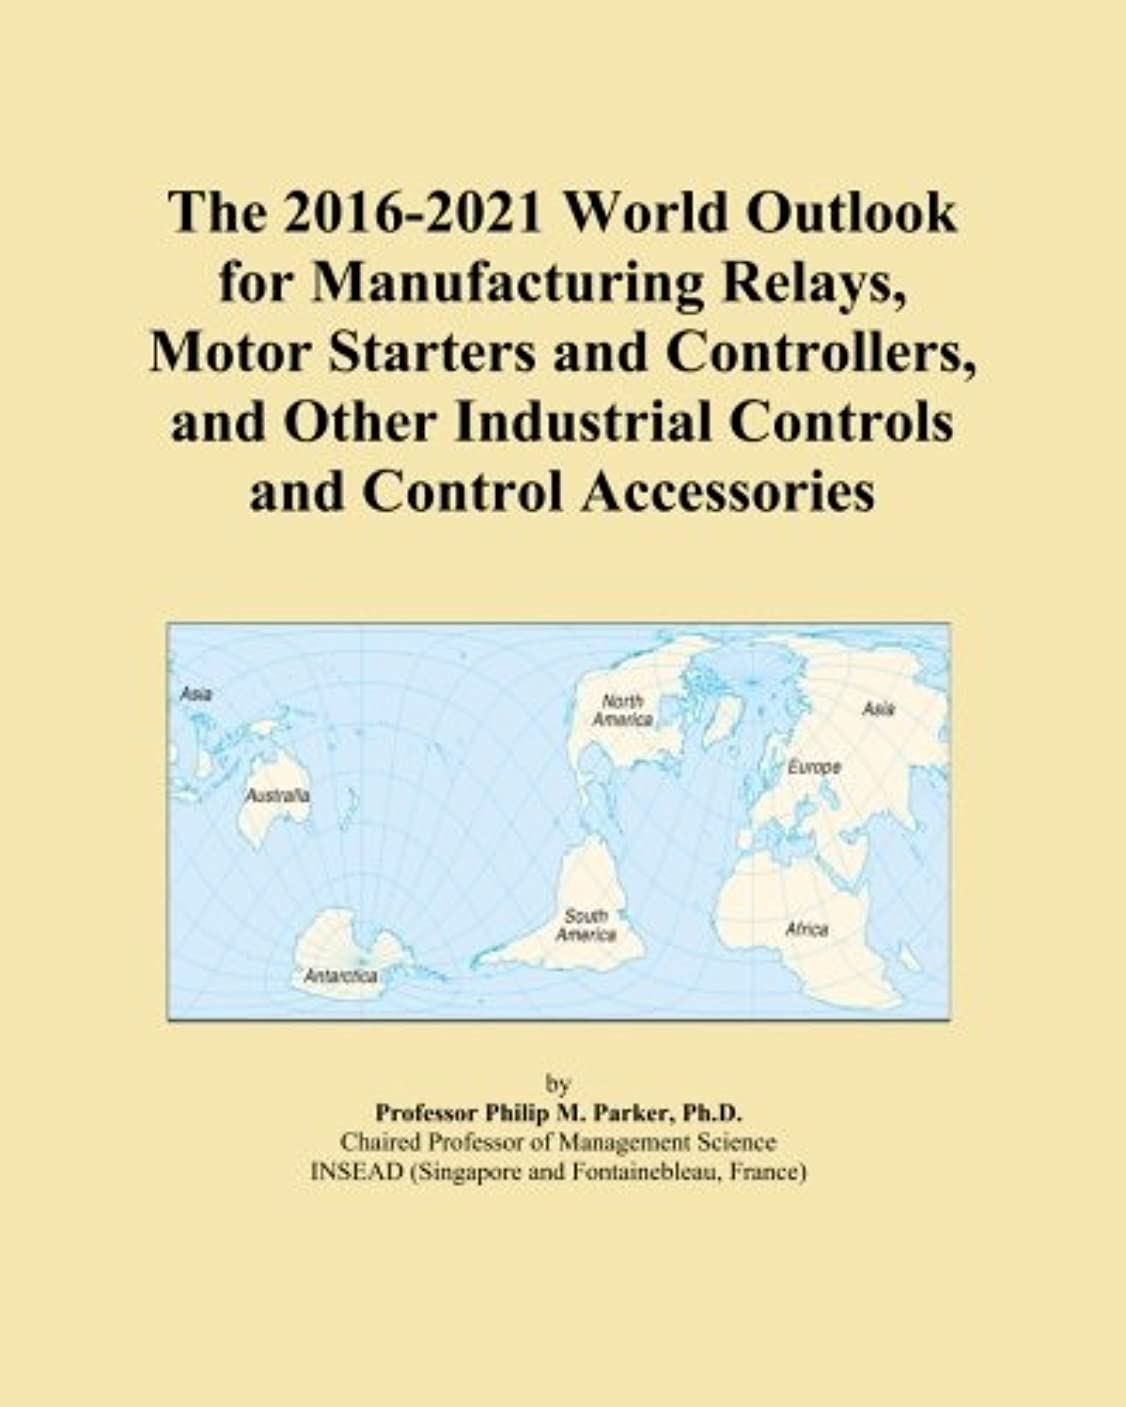 ムスタチオスポーツの試合を担当している人アヒルThe 2016-2021 World Outlook for Manufacturing Relays, Motor Starters and Controllers, and Other Industrial Controls and Control Accessories